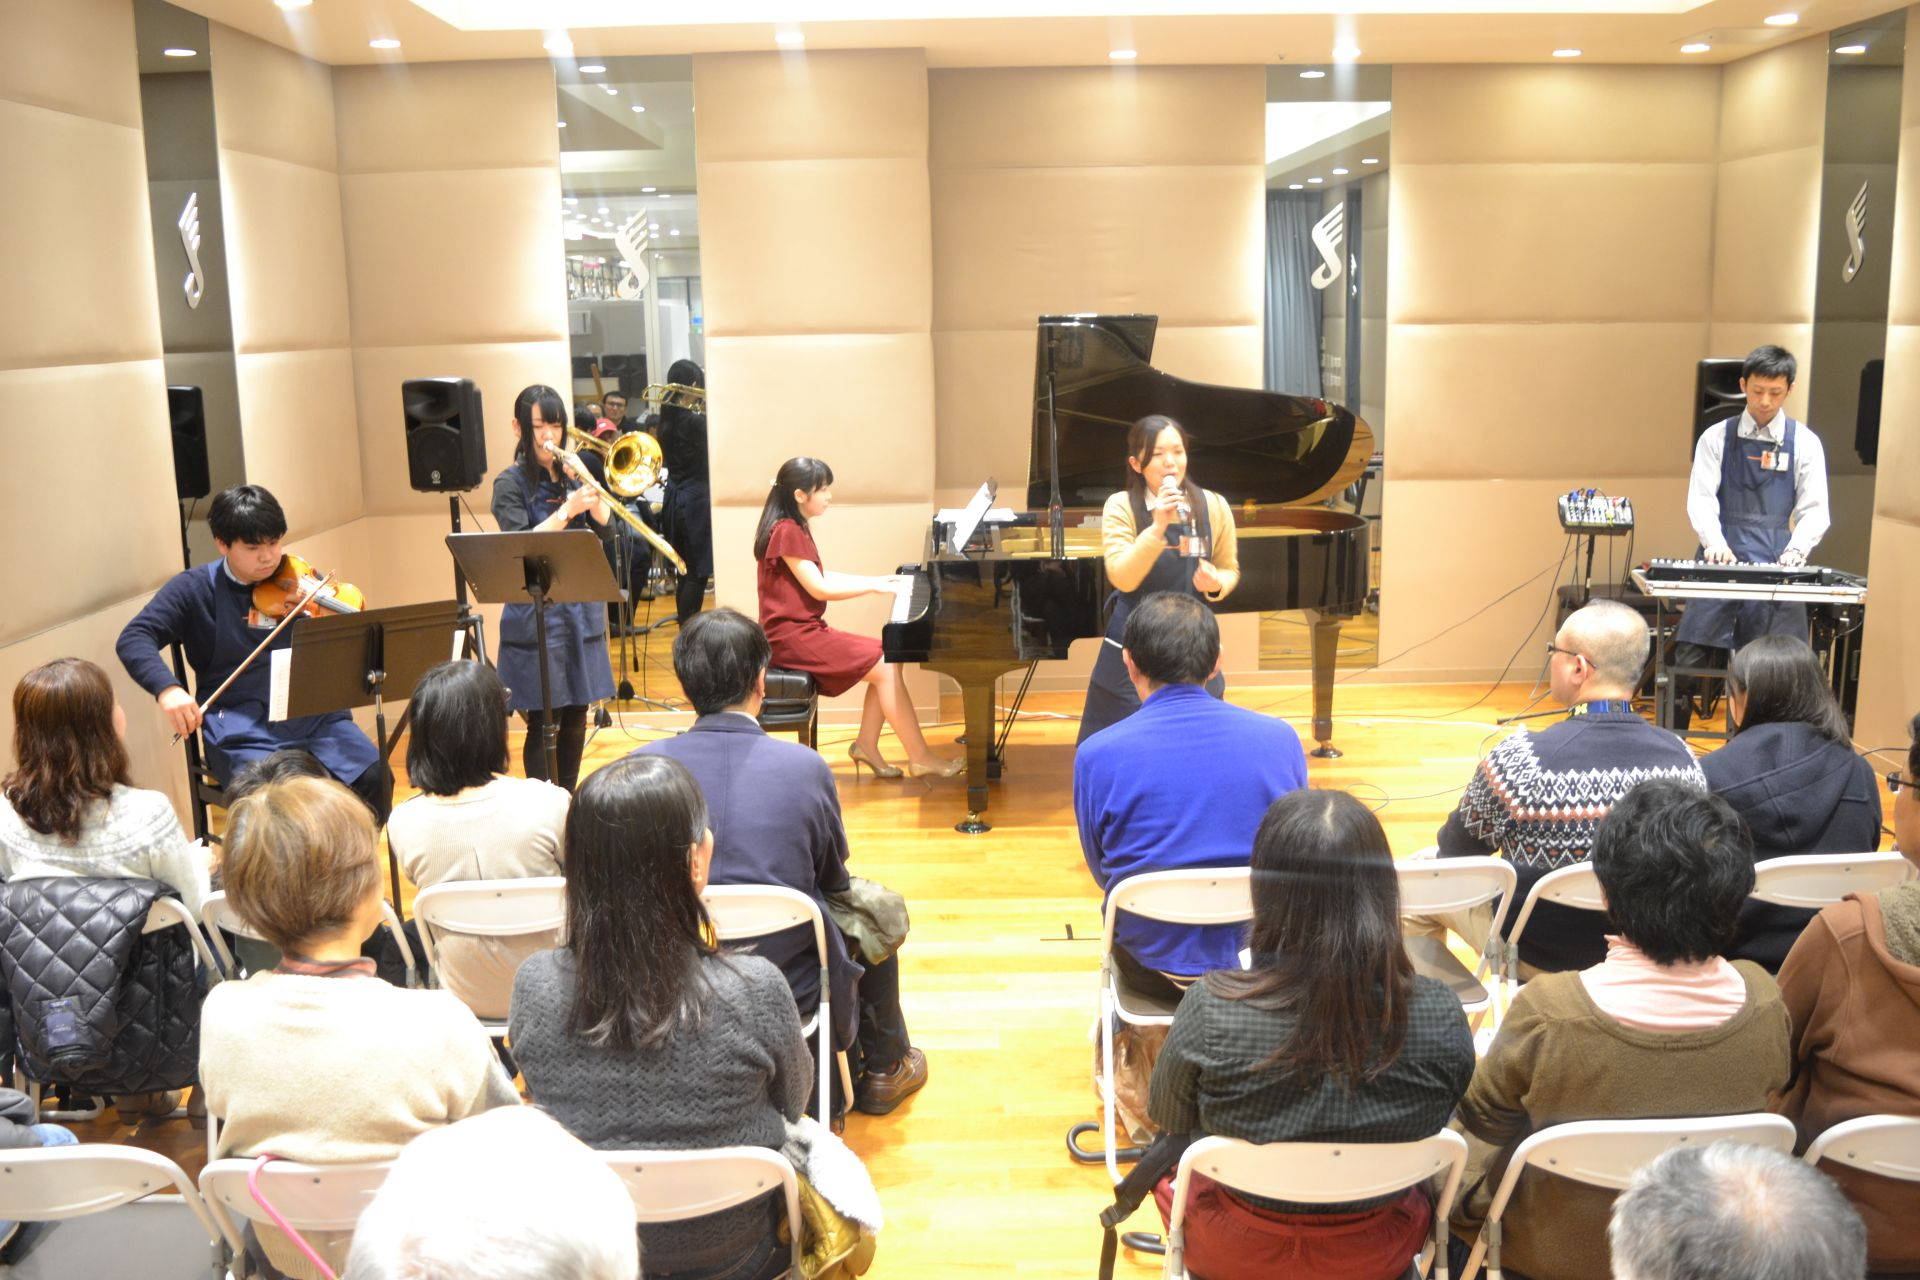 島村楽器 南船橋 クリスマス ピアノコンサート スタッフ演奏